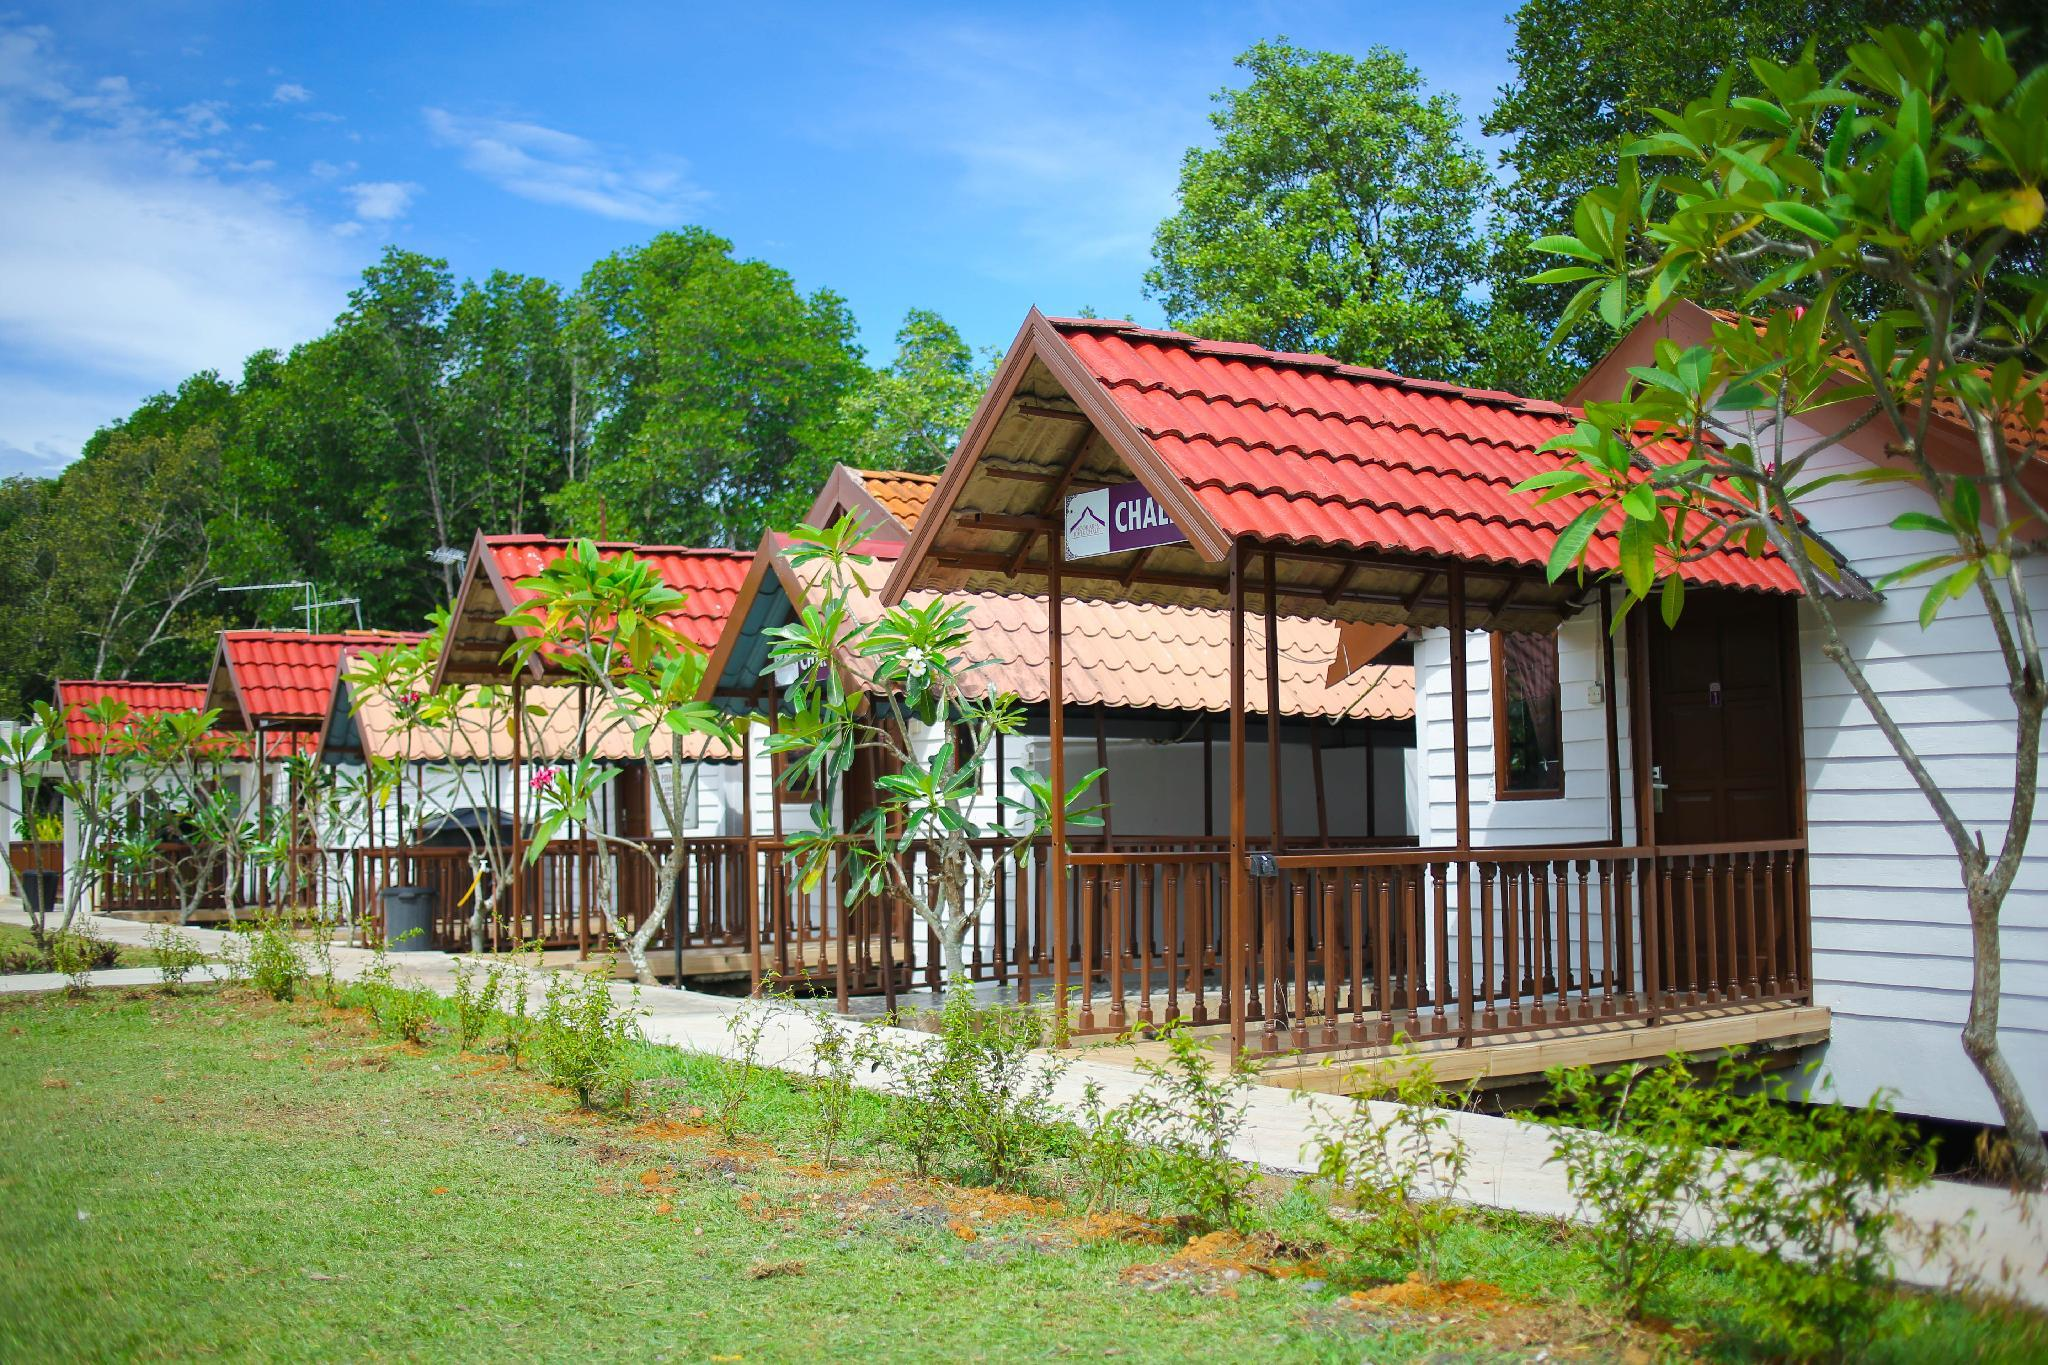 Noor Arfa River Chalet Hotel Kuala Terengganu Deals Photos Reviews